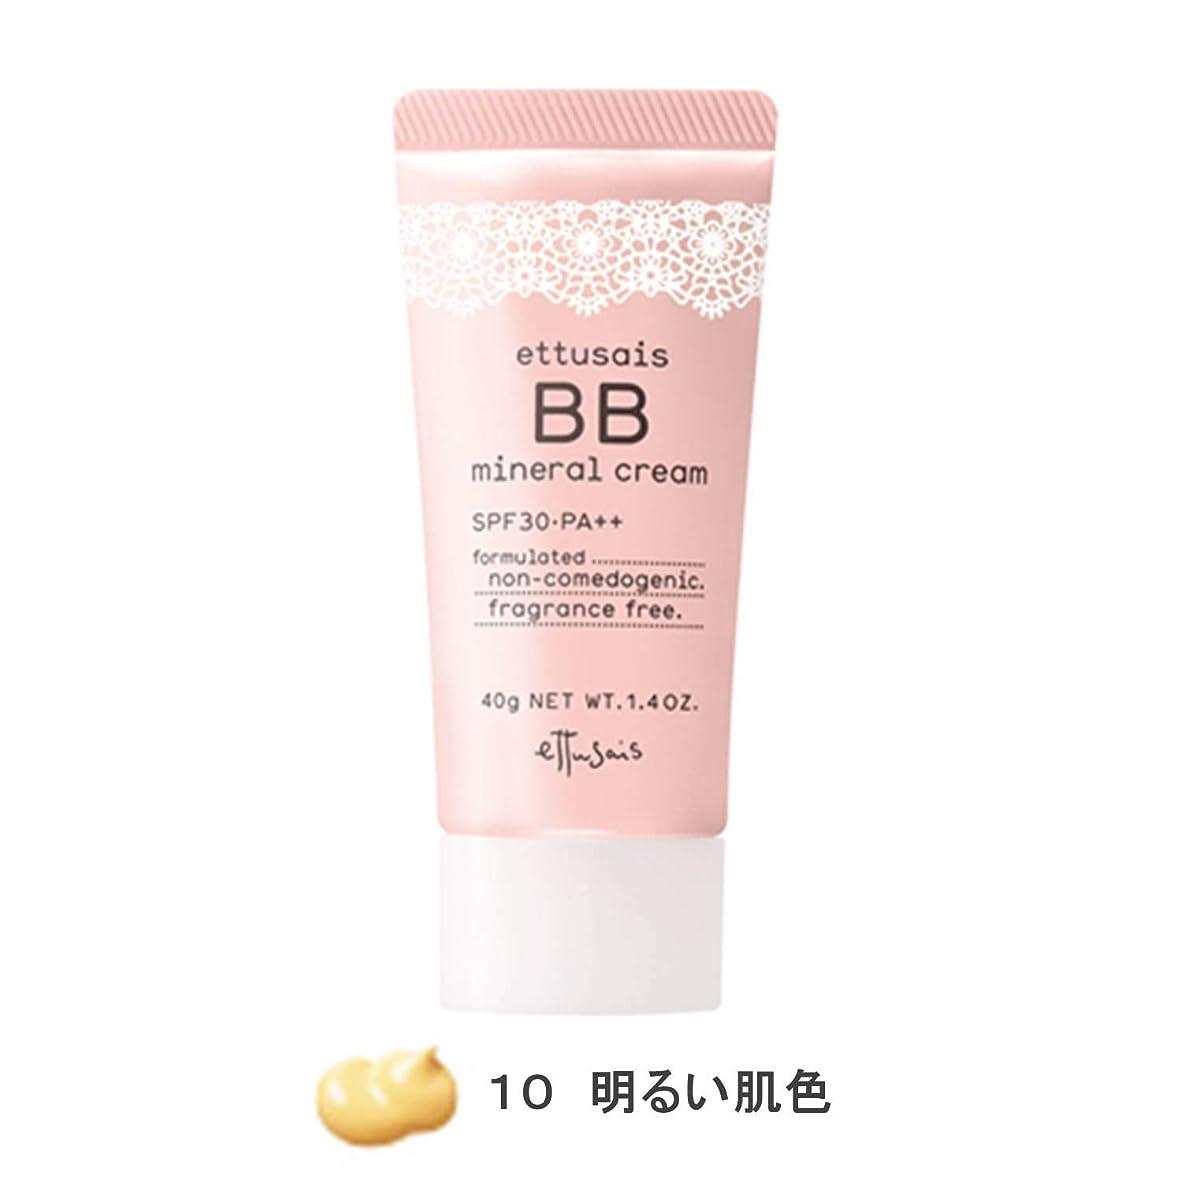 食器棚口墓エテュセ BBミネラルクリーム 10(明るい肌色) SPF30?PA++ 40g